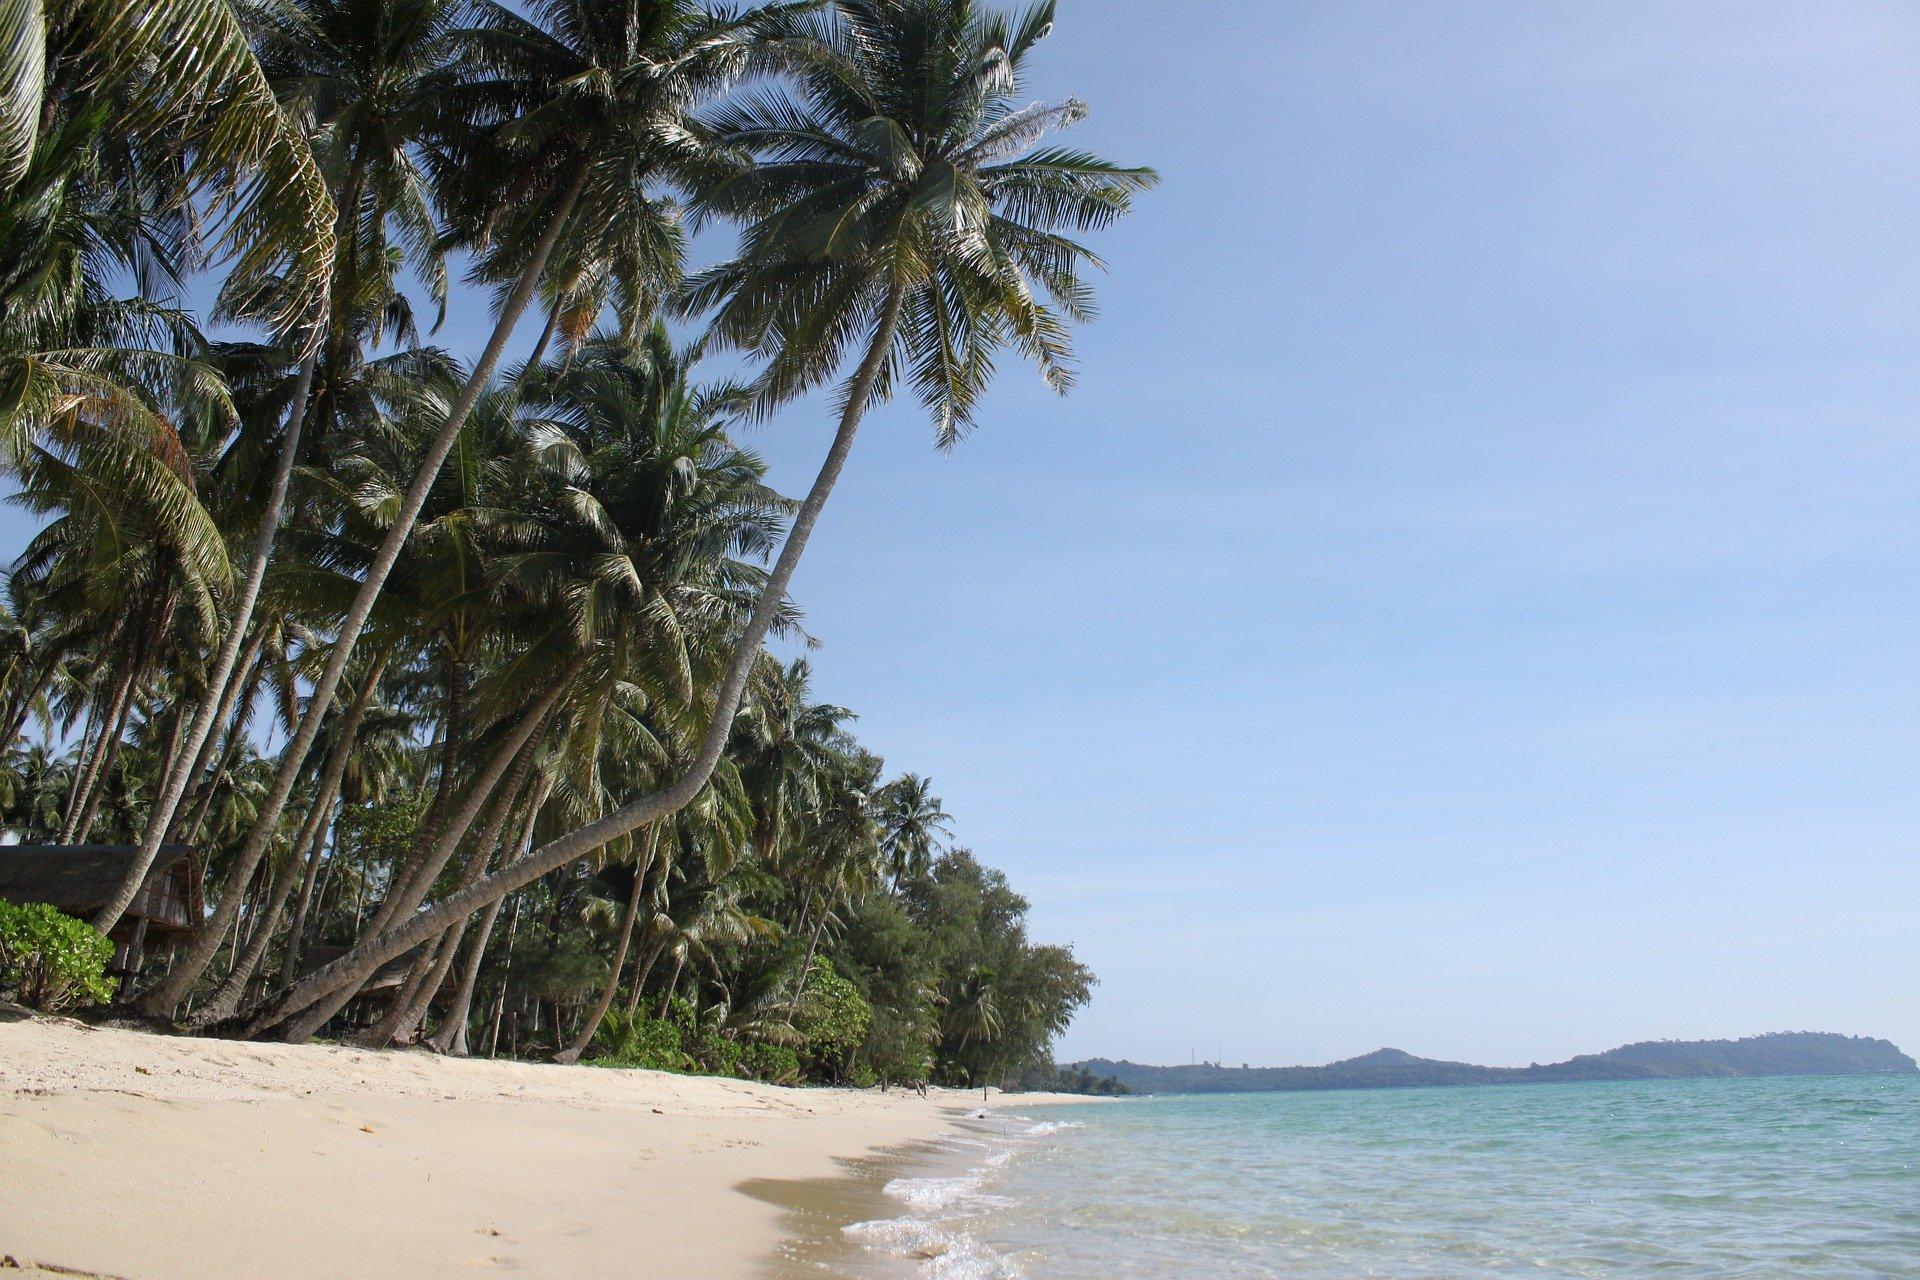 A beach on Koh Kood, Thailand